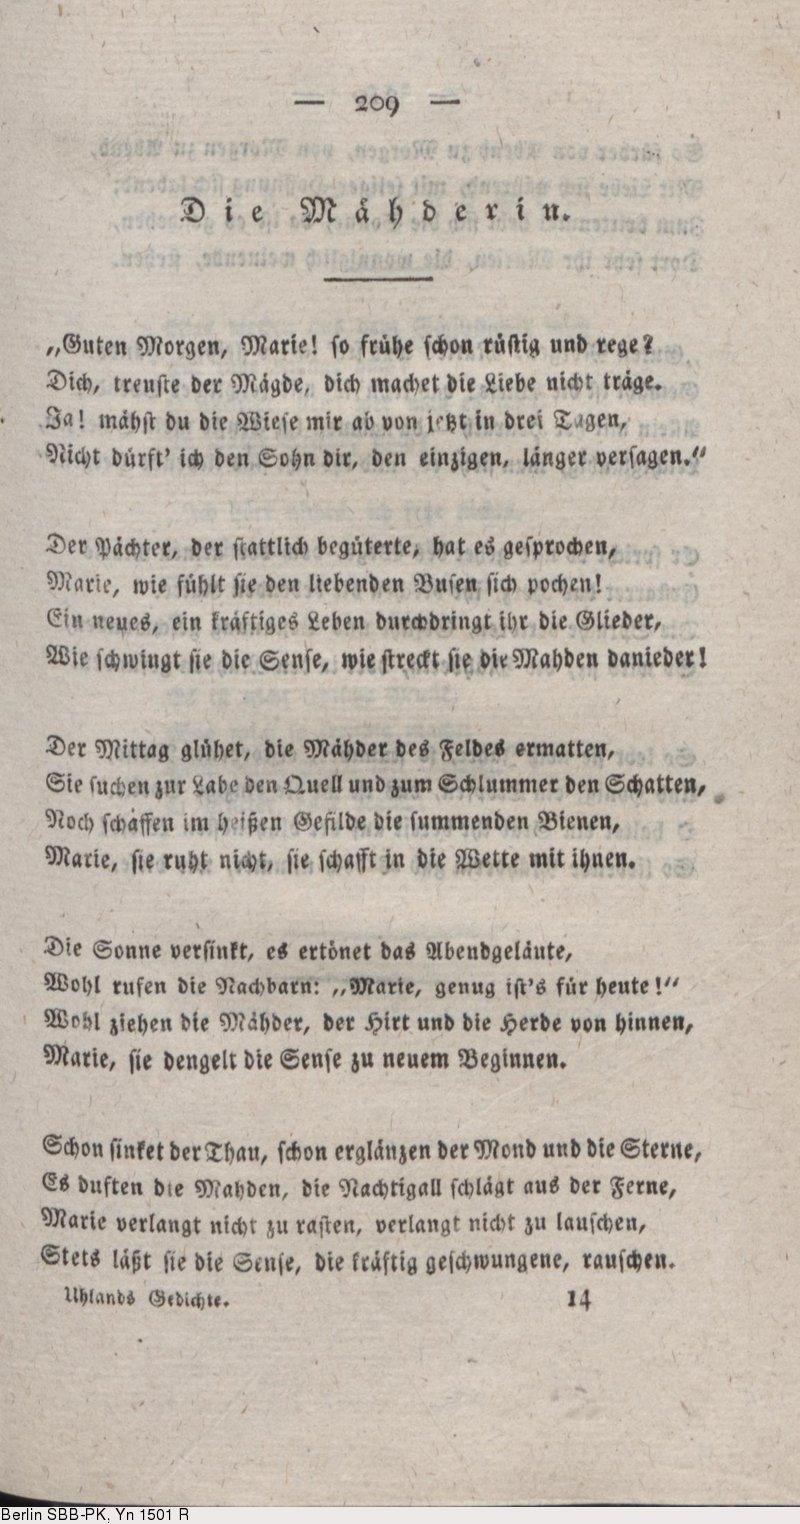 Deutsches Textarchiv Uhland Ludwig Gedichte Stuttgart